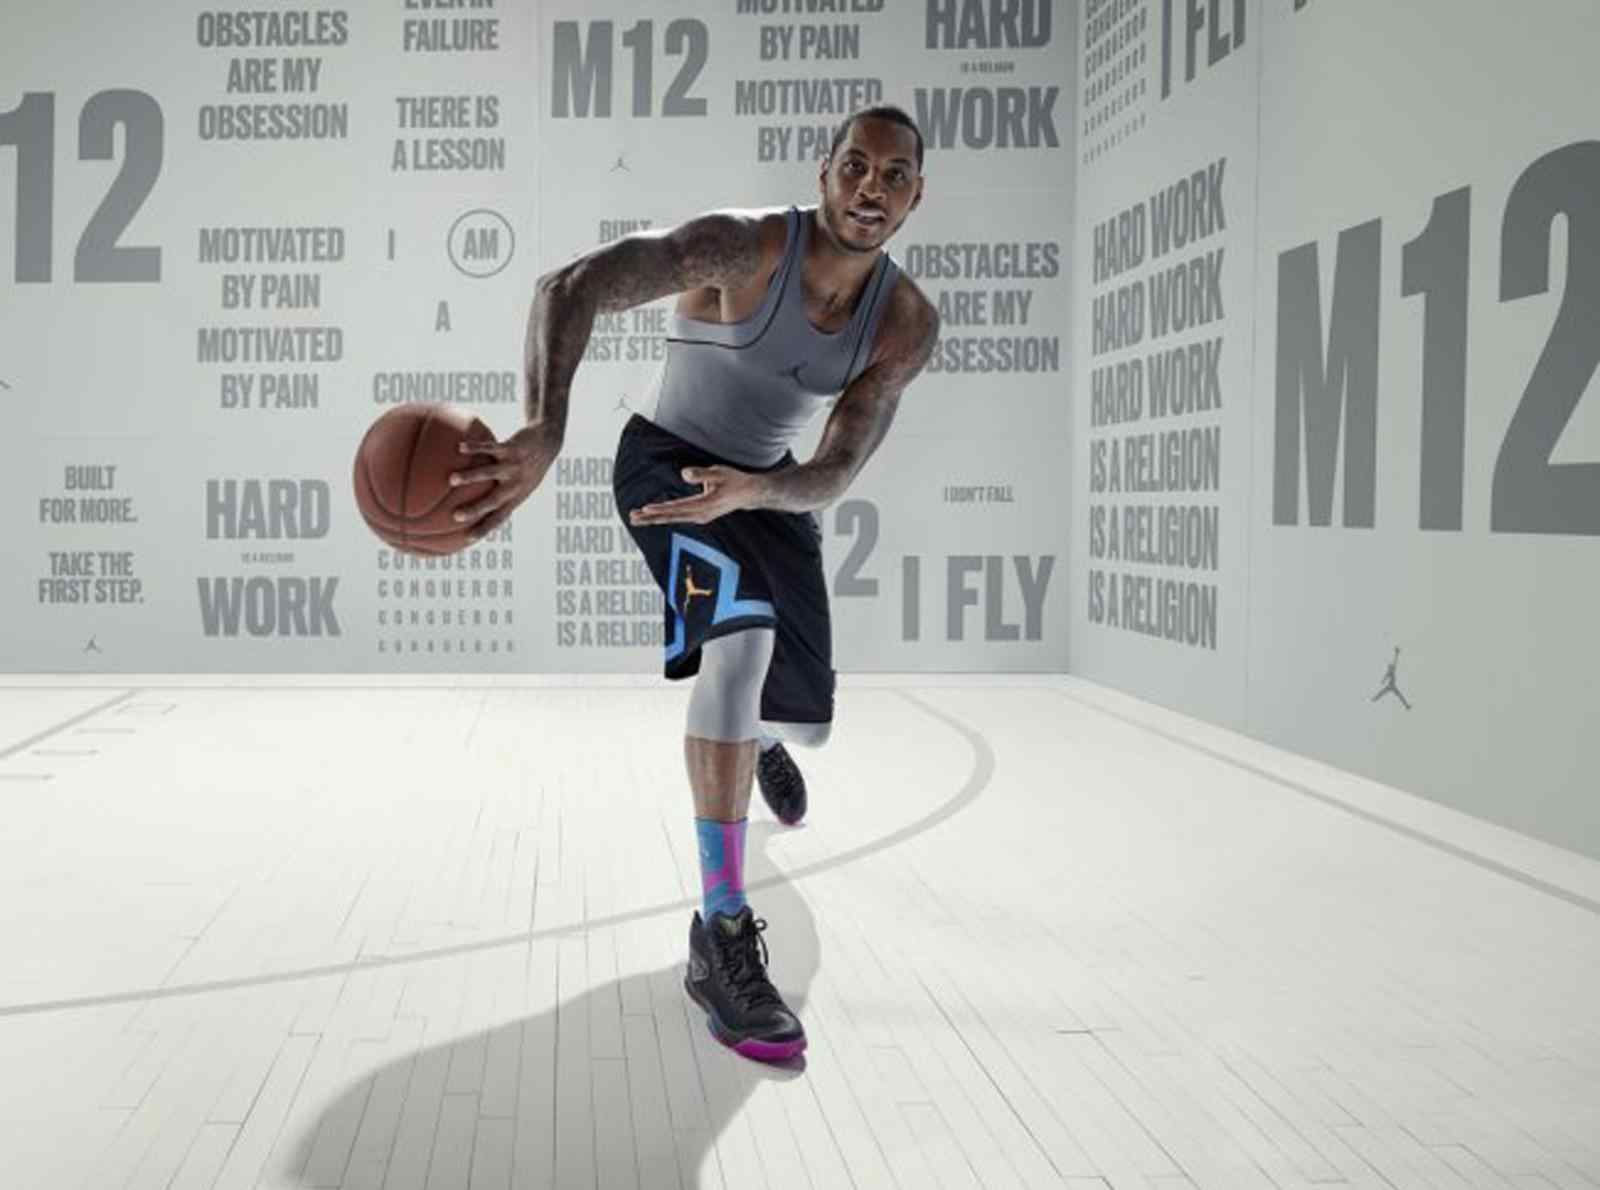 脚宽 脚宽适合什么鞋 脚宽的人穿什么篮球鞋好